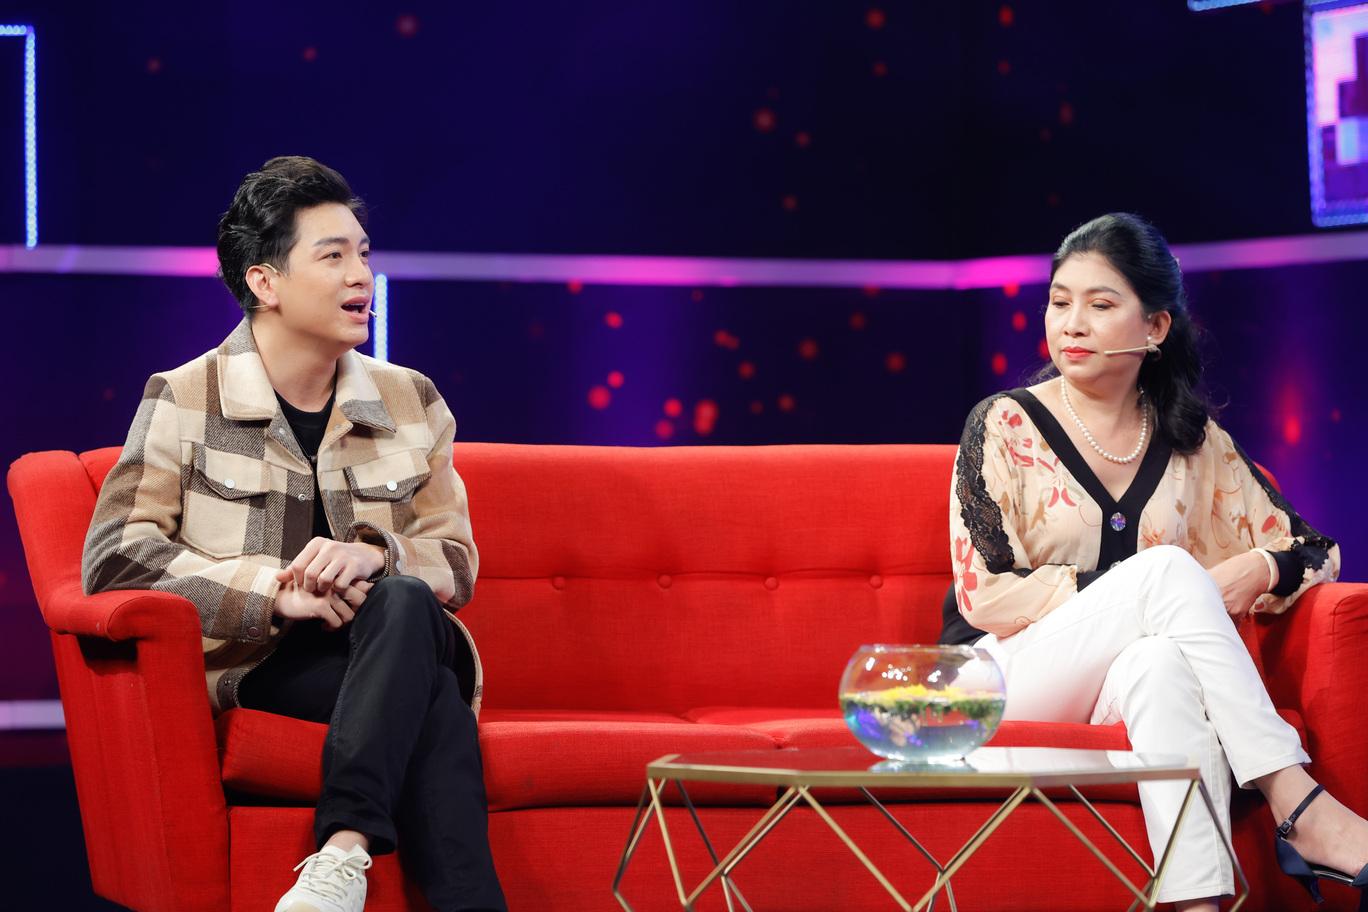 Diễn viên Hữu Đằng và mẹ tham gia chương trình